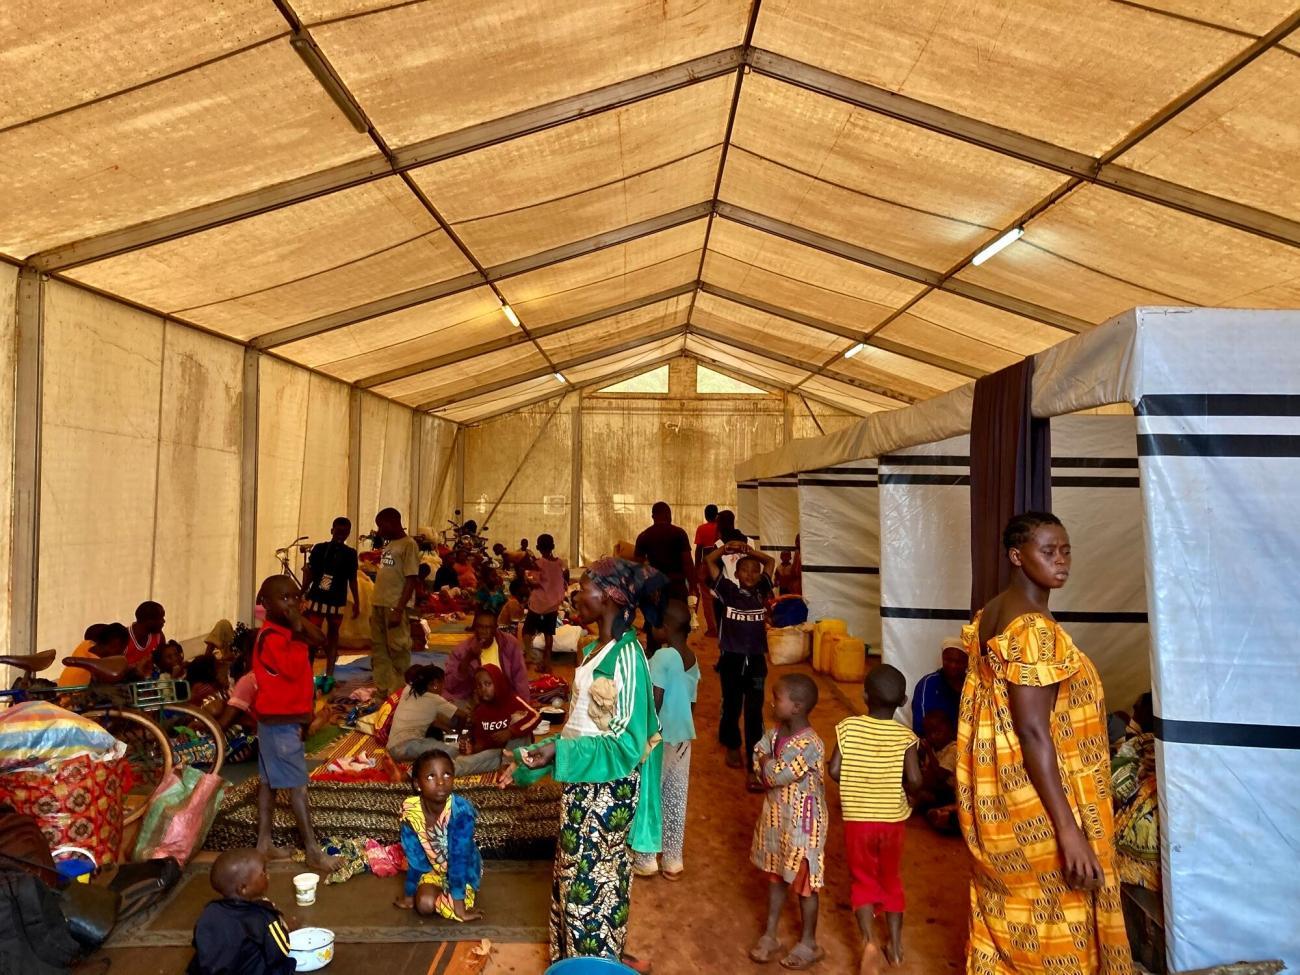 De nombreuses personnes se sont réfugiées à l'intérieur de l'hôpital régional universitaire de Bangassou soutenu par MSF après l'offensive armée contre la ville du 3 janvier 2021.  © Dale Koninckx/MSF